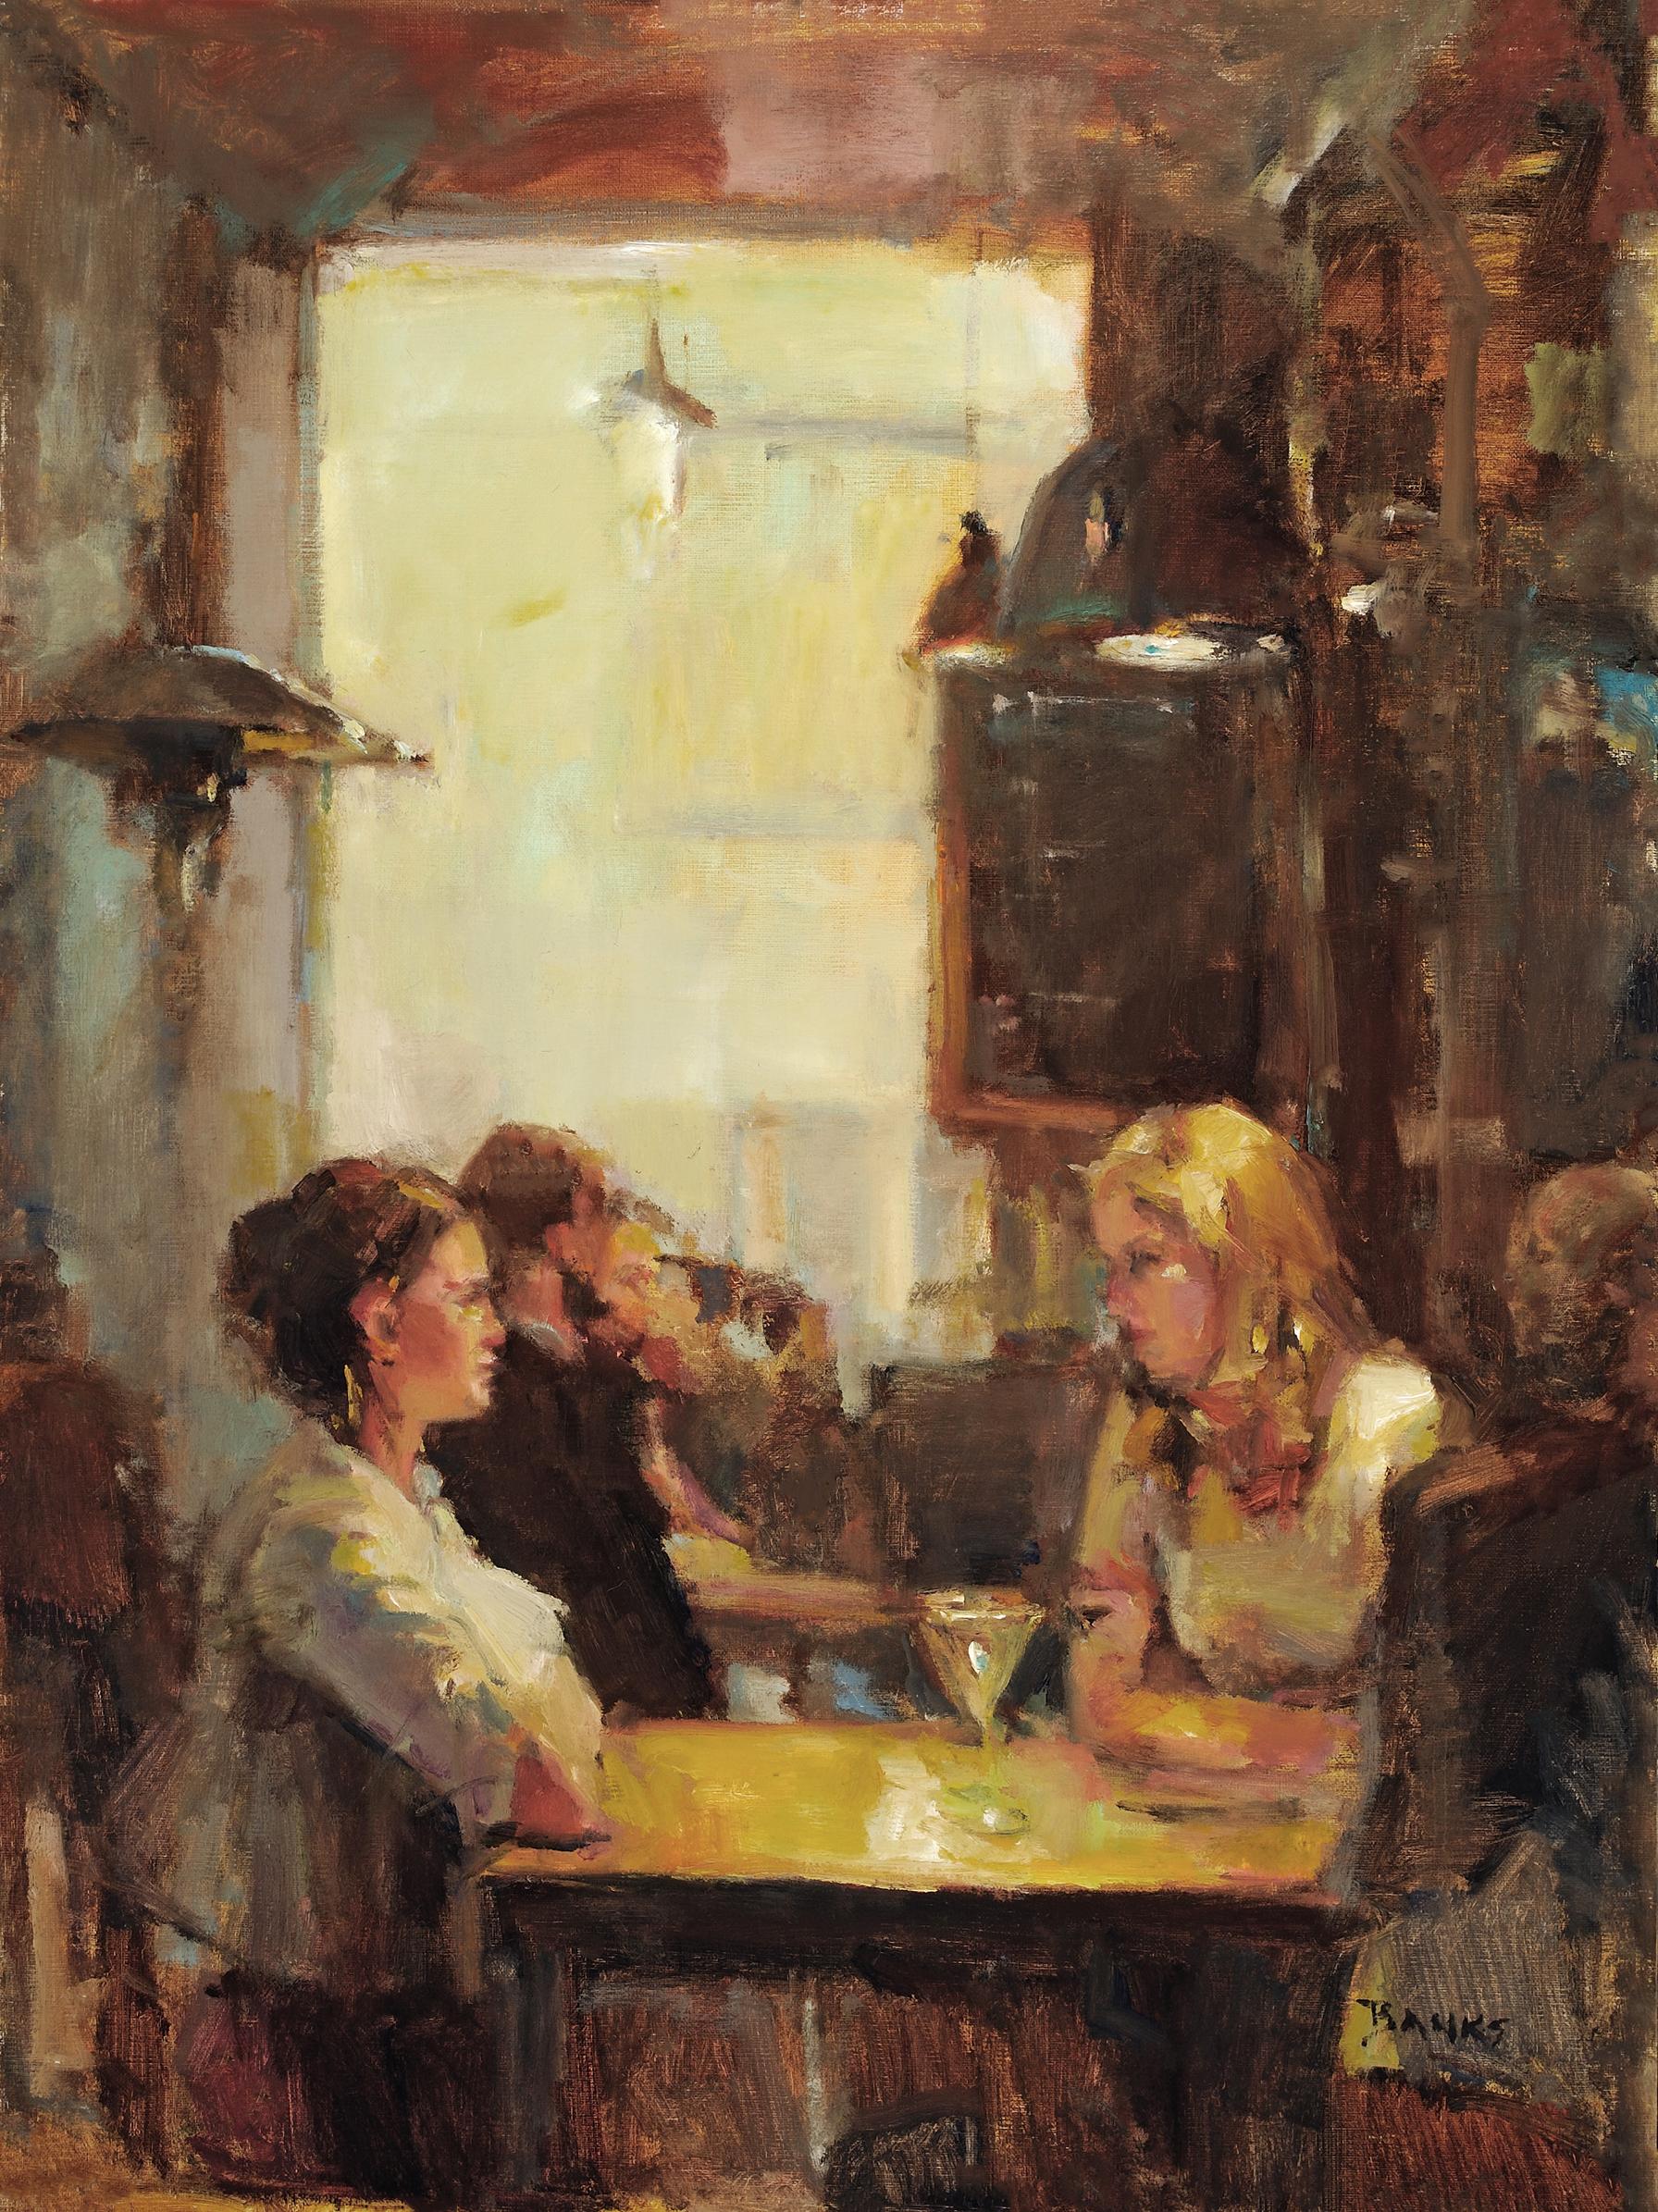 Scene at the Bar